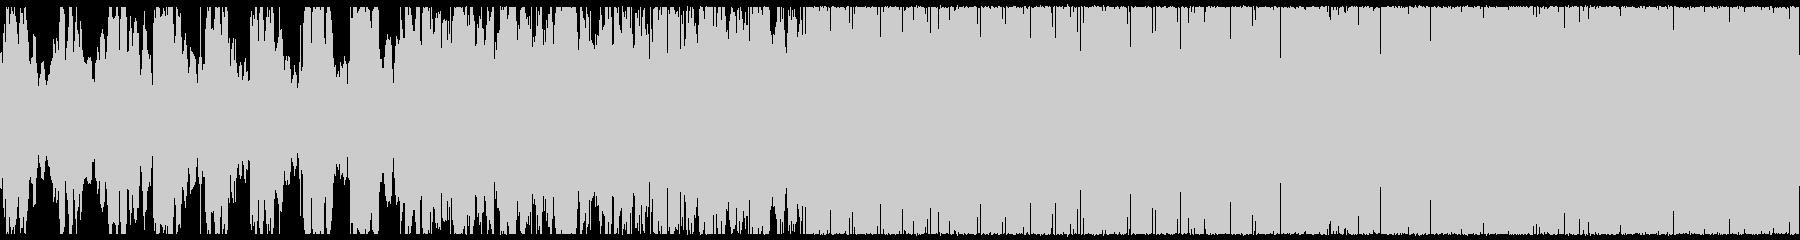 【リズム抜き】サイバーチックなテクノの未再生の波形